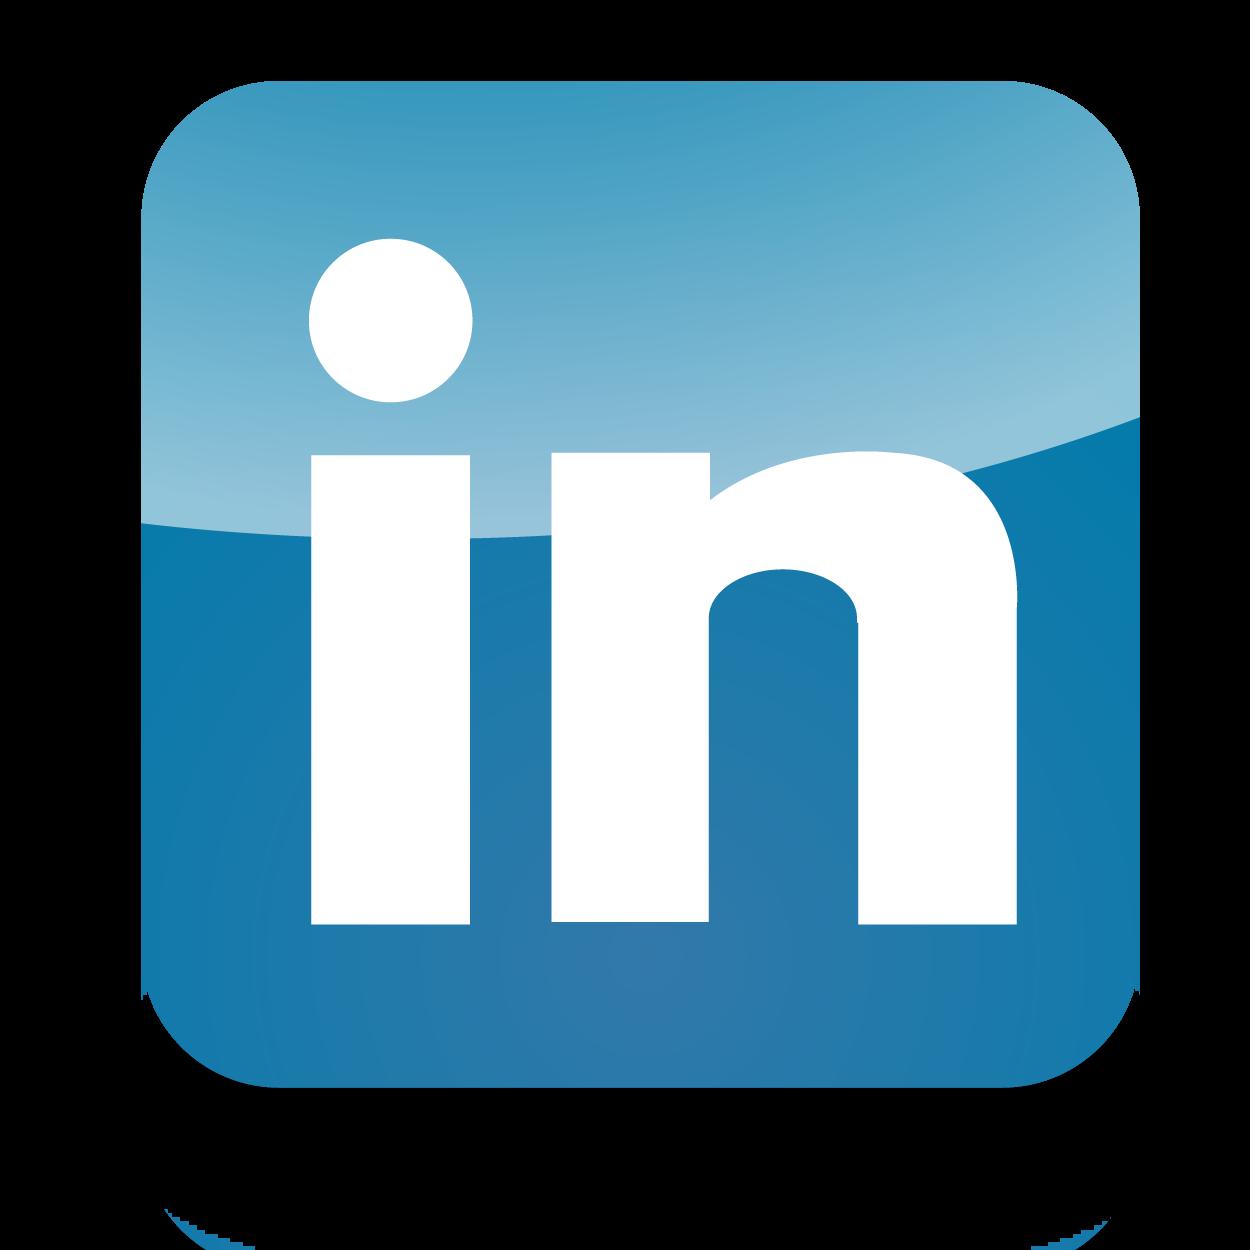 Linkedin logo transparent background clipart banner freeuse download LinkedIn logo PNG banner freeuse download